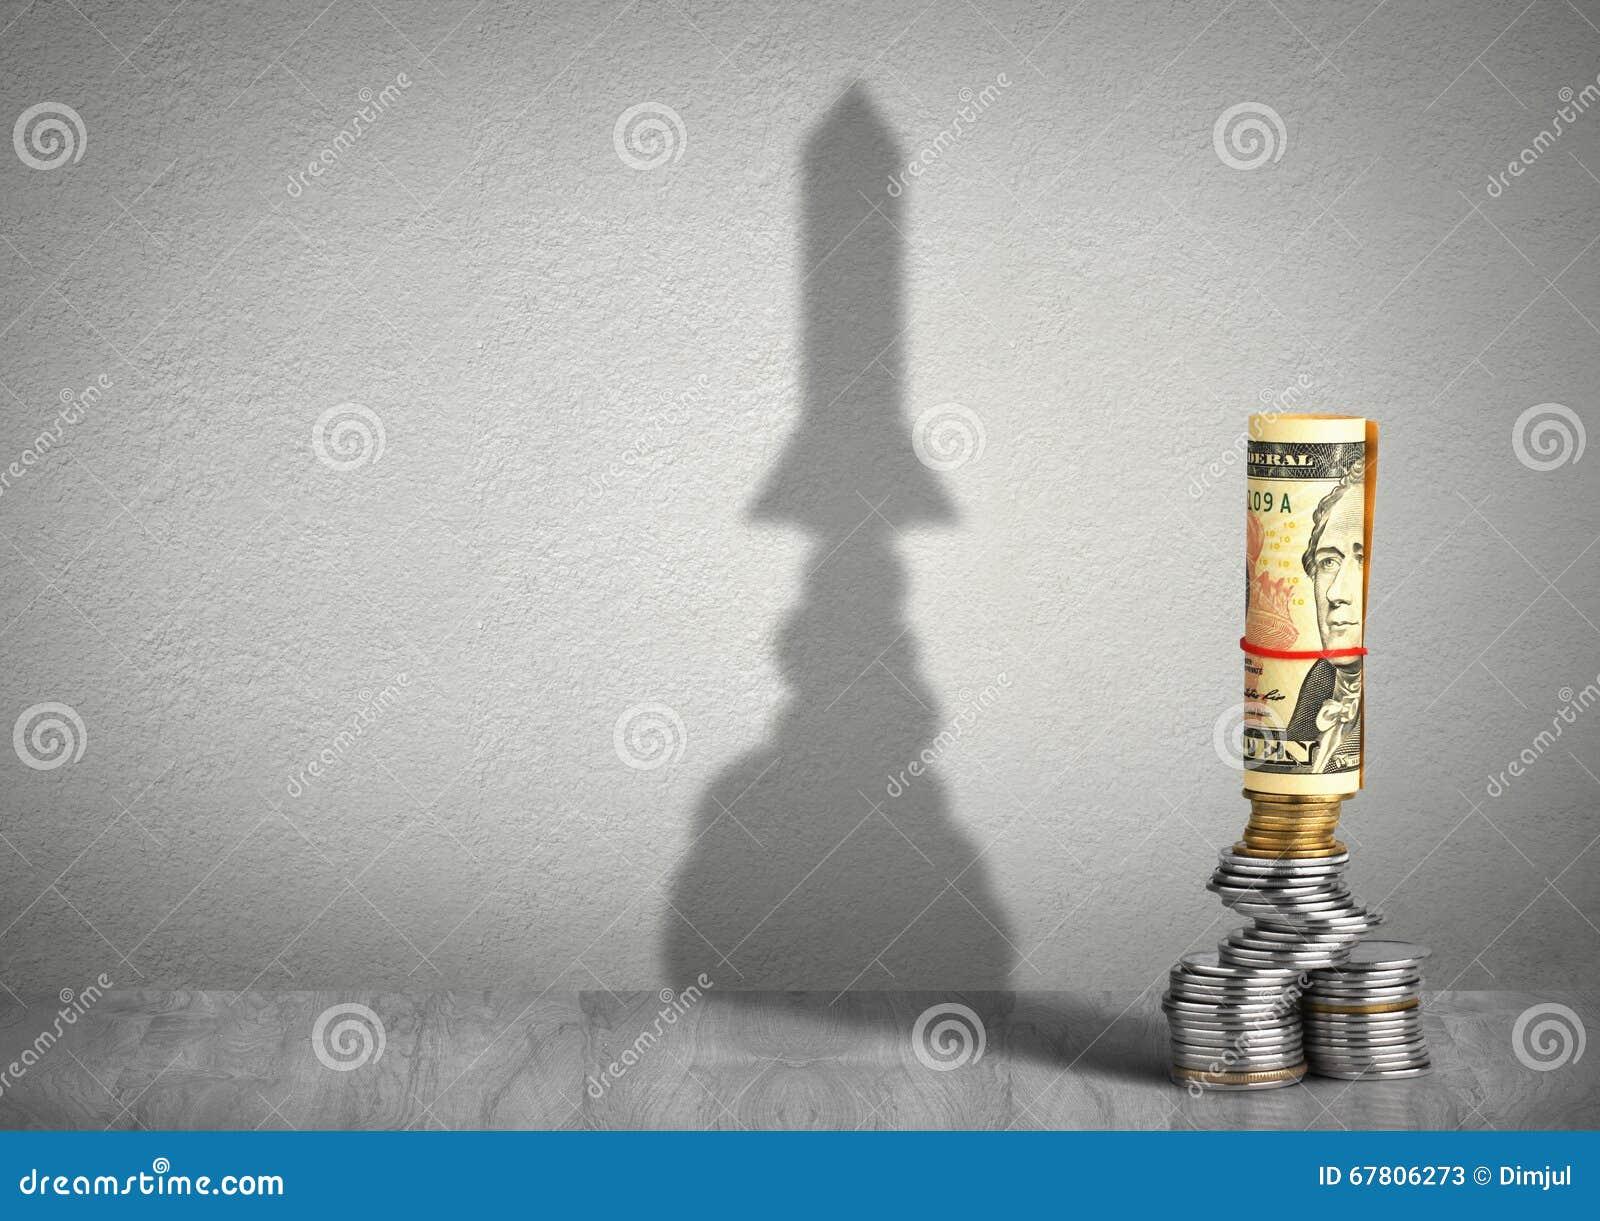 Концепция финансового роста творческая, деньги с тенью ракеты